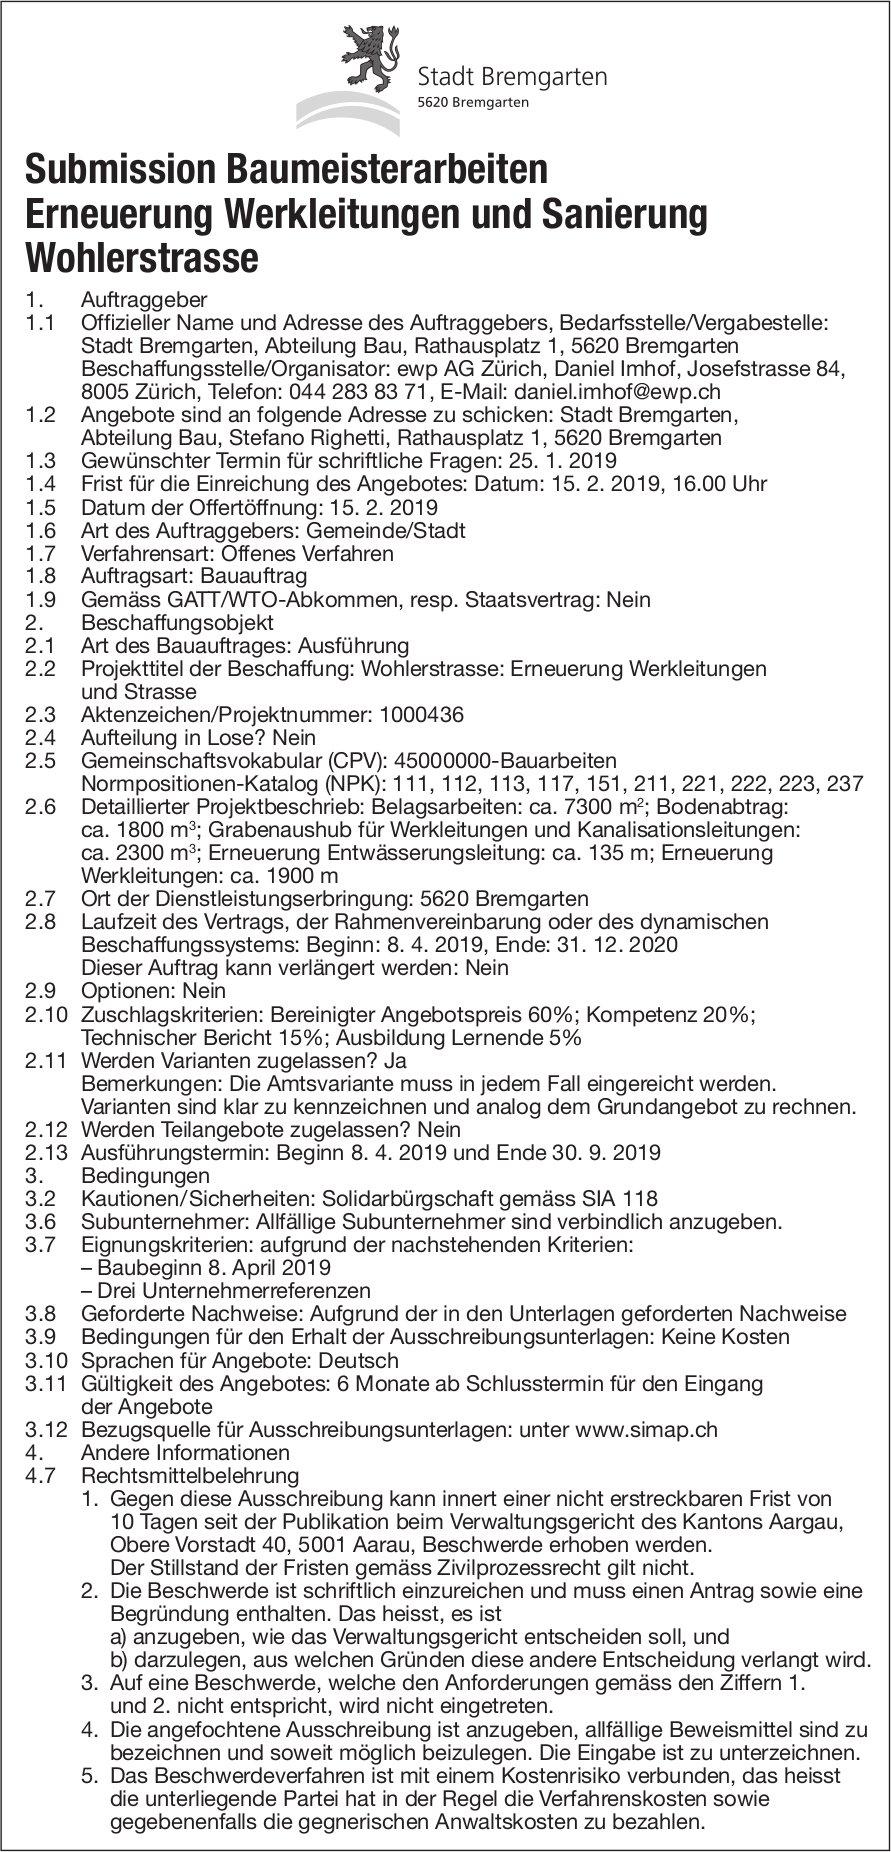 Bremgarten - Submission Baumeisterarbeiten Erneuerung Werkleitungen und Sanierung Wohlerstrasse